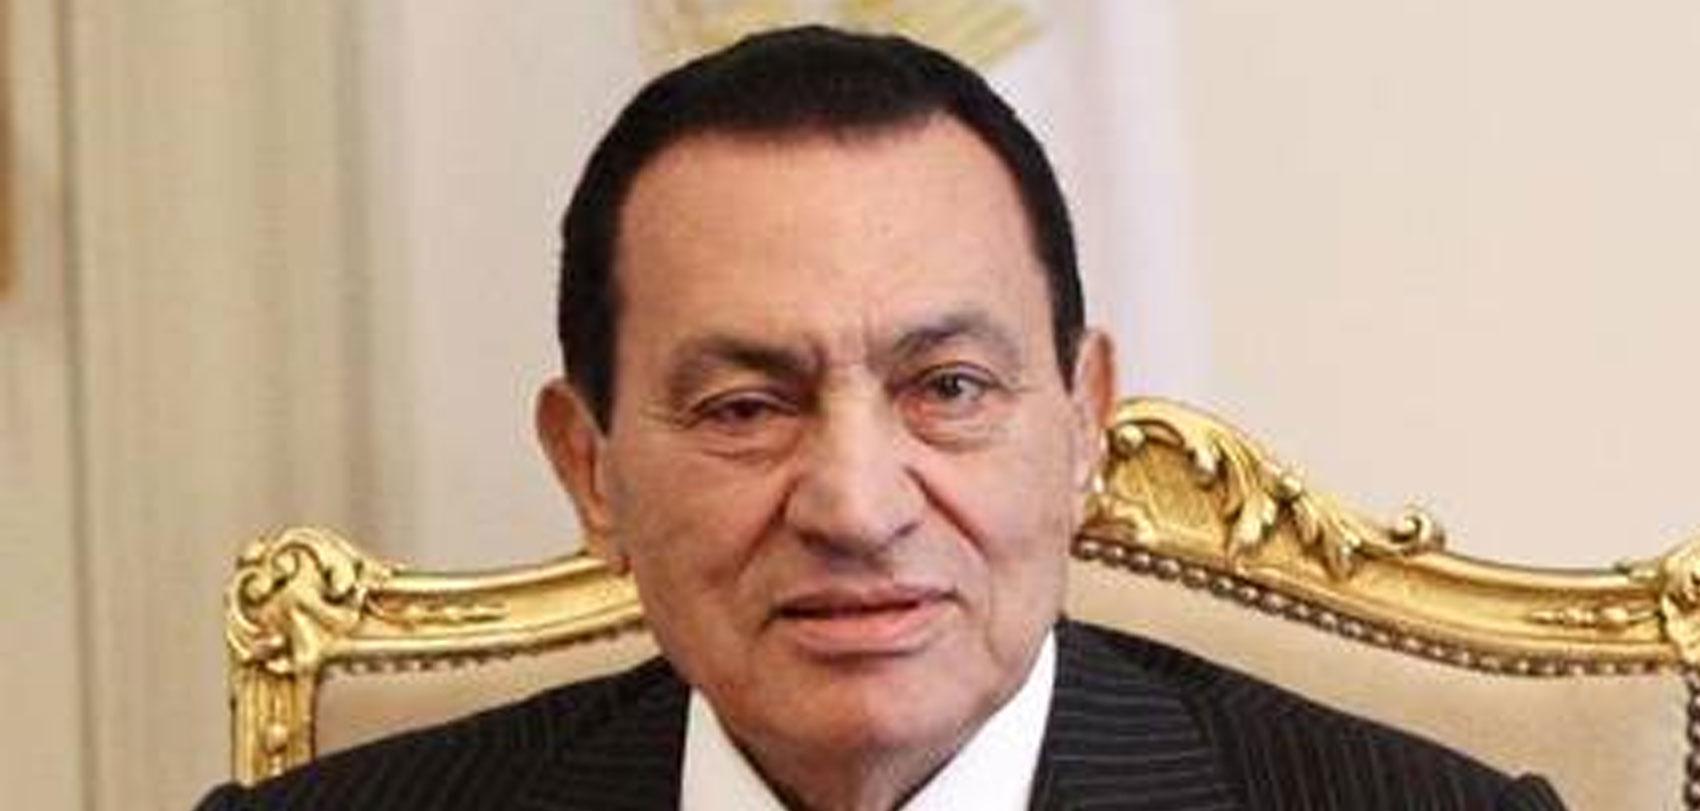 पूर्वराष्ट्रपति होस्नी मुवारकको निधन